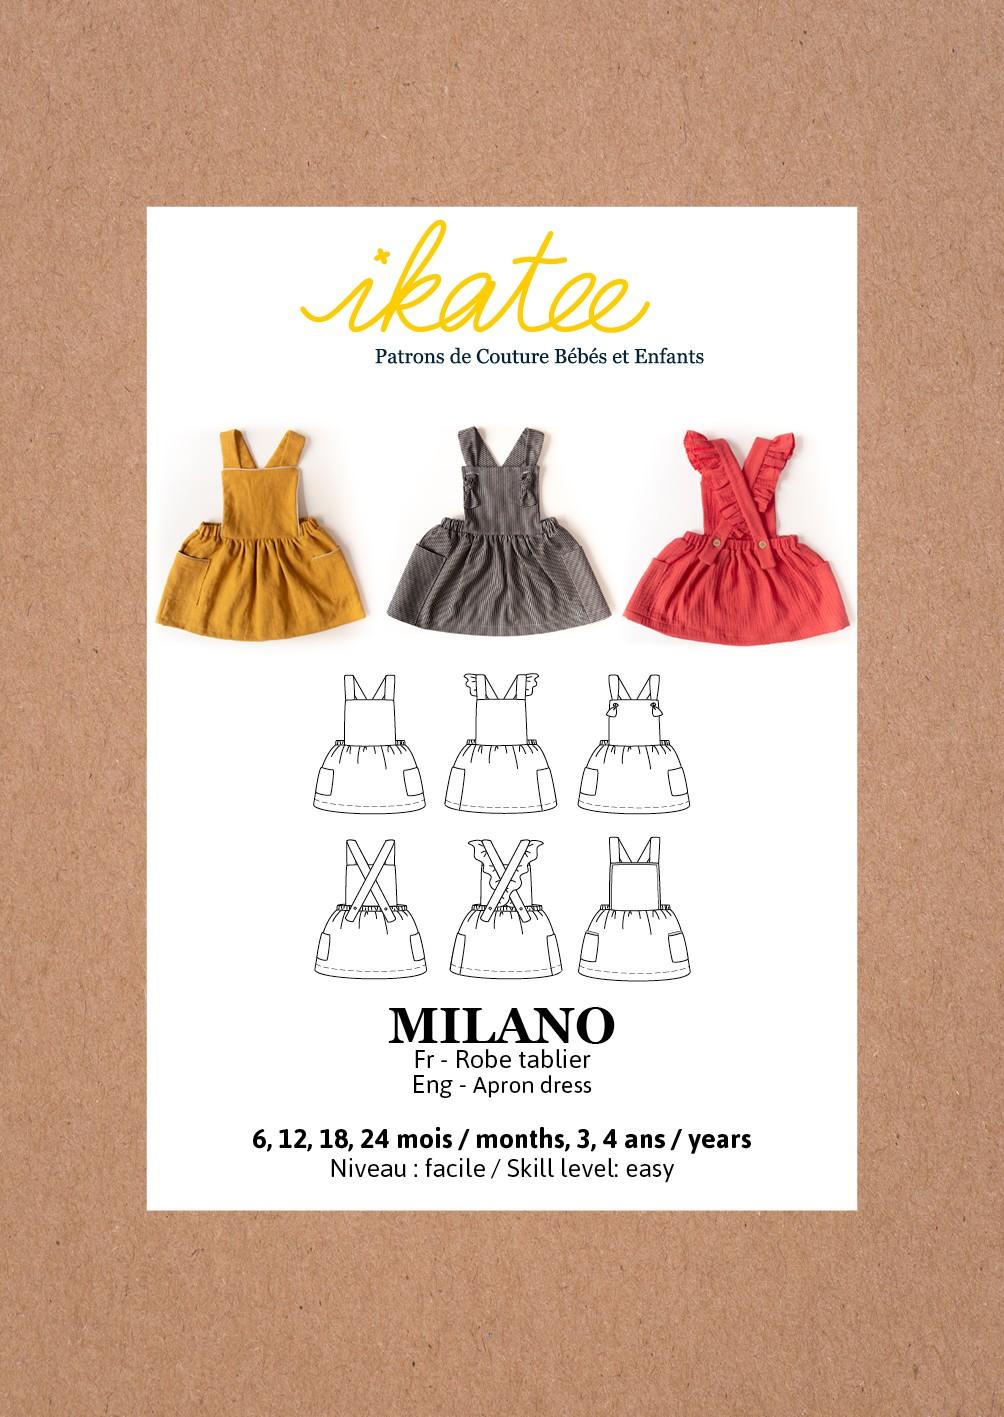 Apron Dress Sewing Pattern Ikatee Milano